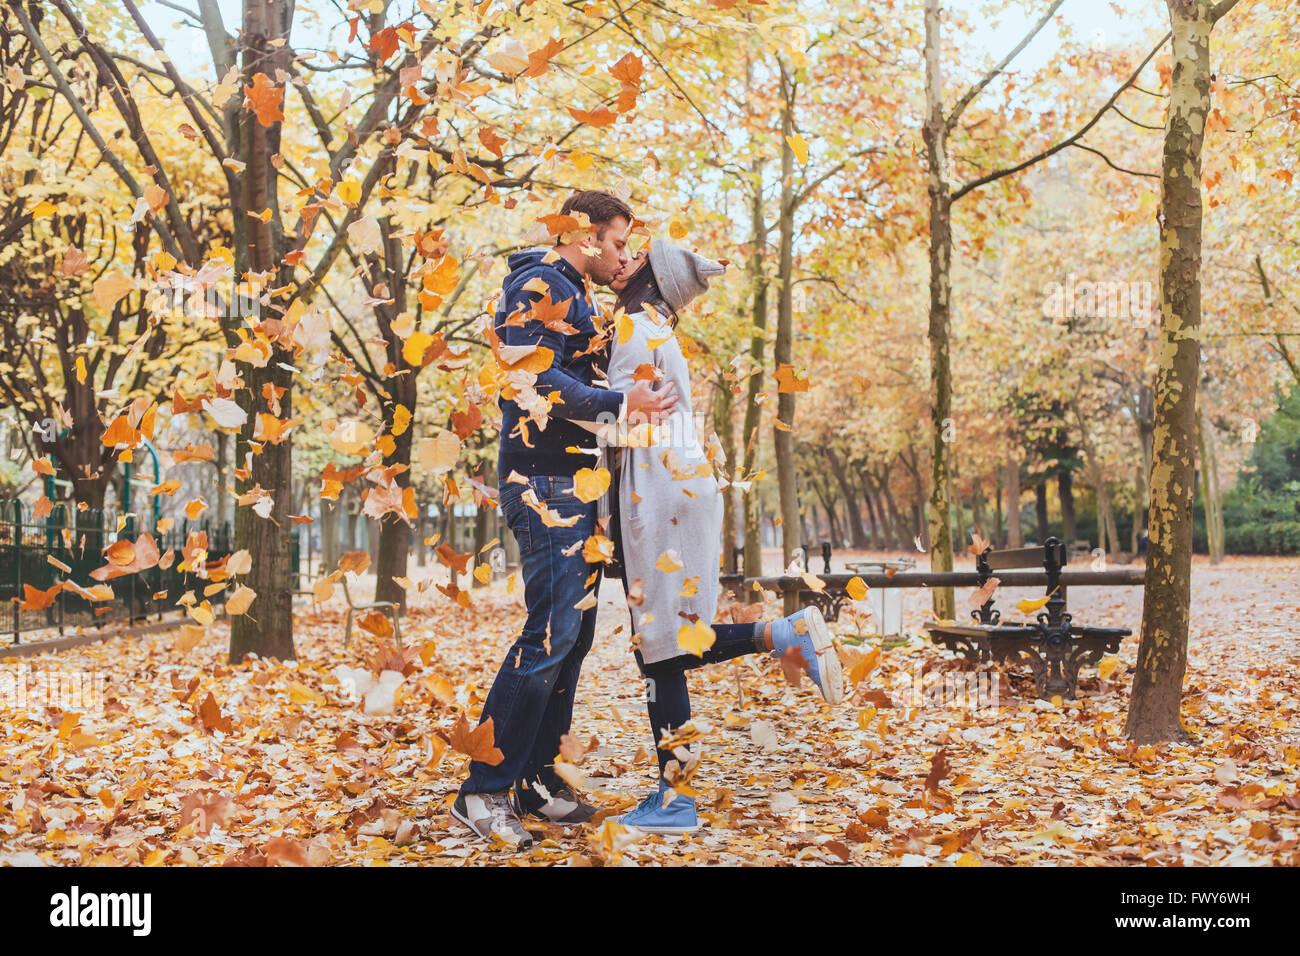 Beso de otoño, la joven pareja amorosa en el parque con la caída de las hojas Imagen De Stock